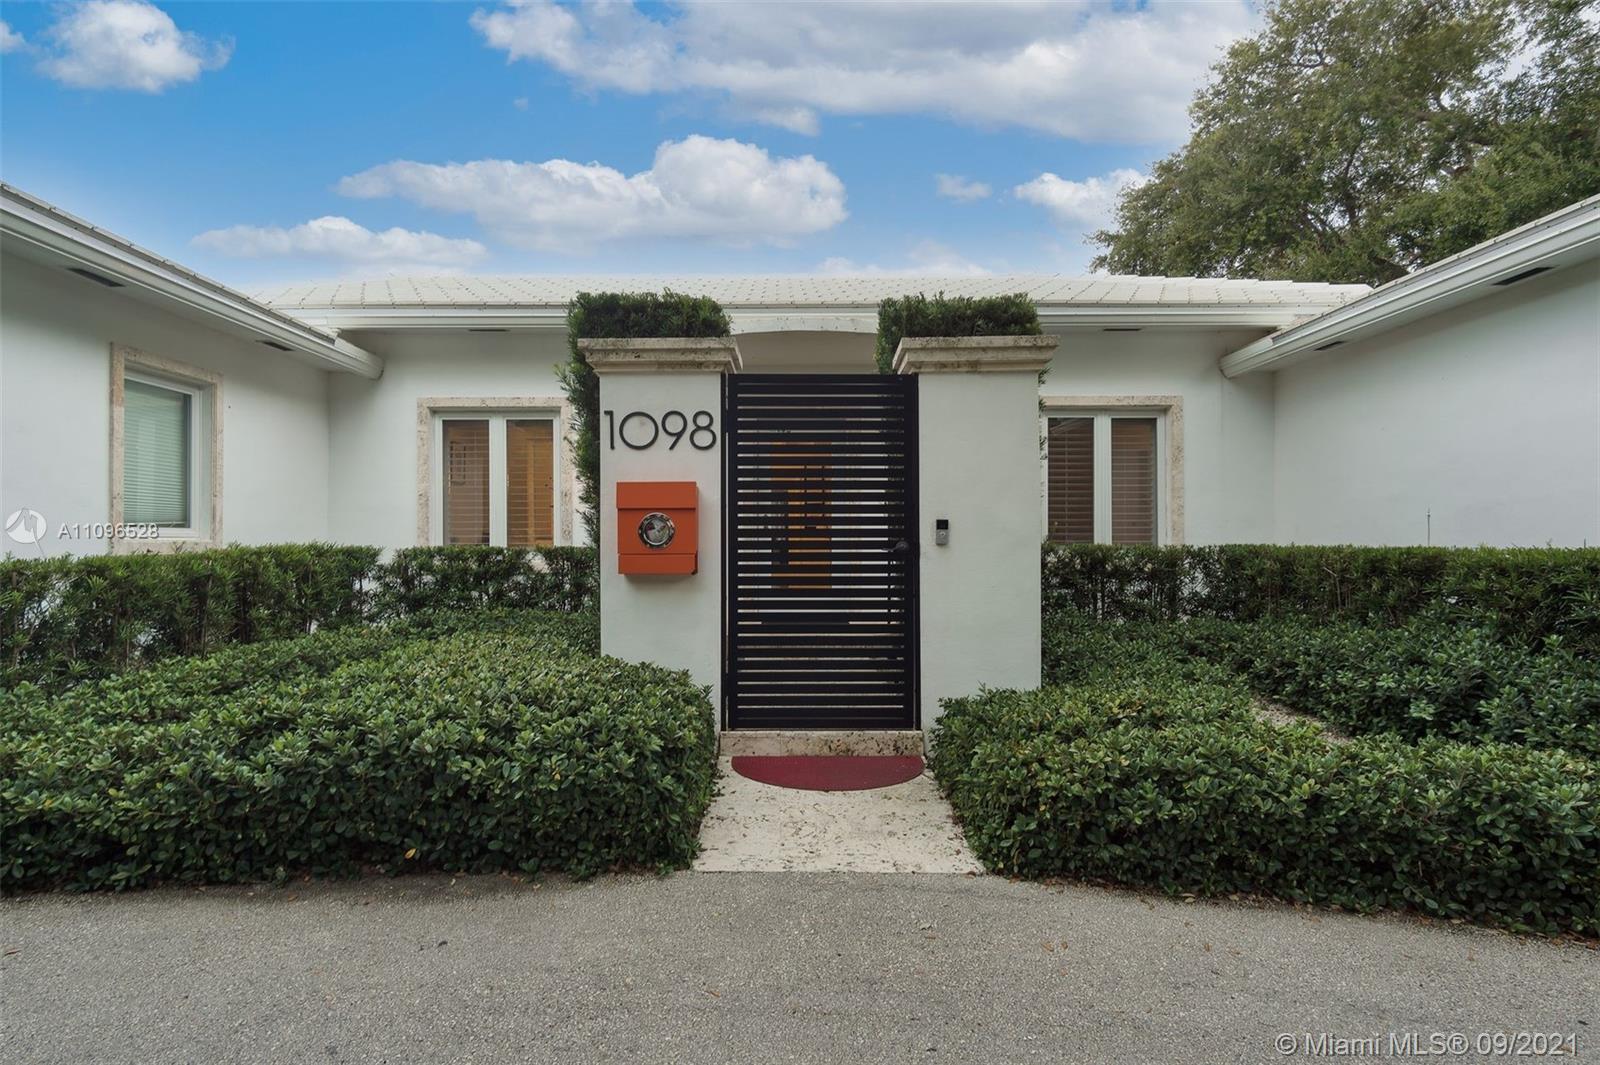 Miami Shores - 1098 NE 99th St, Miami Shores, FL 33138